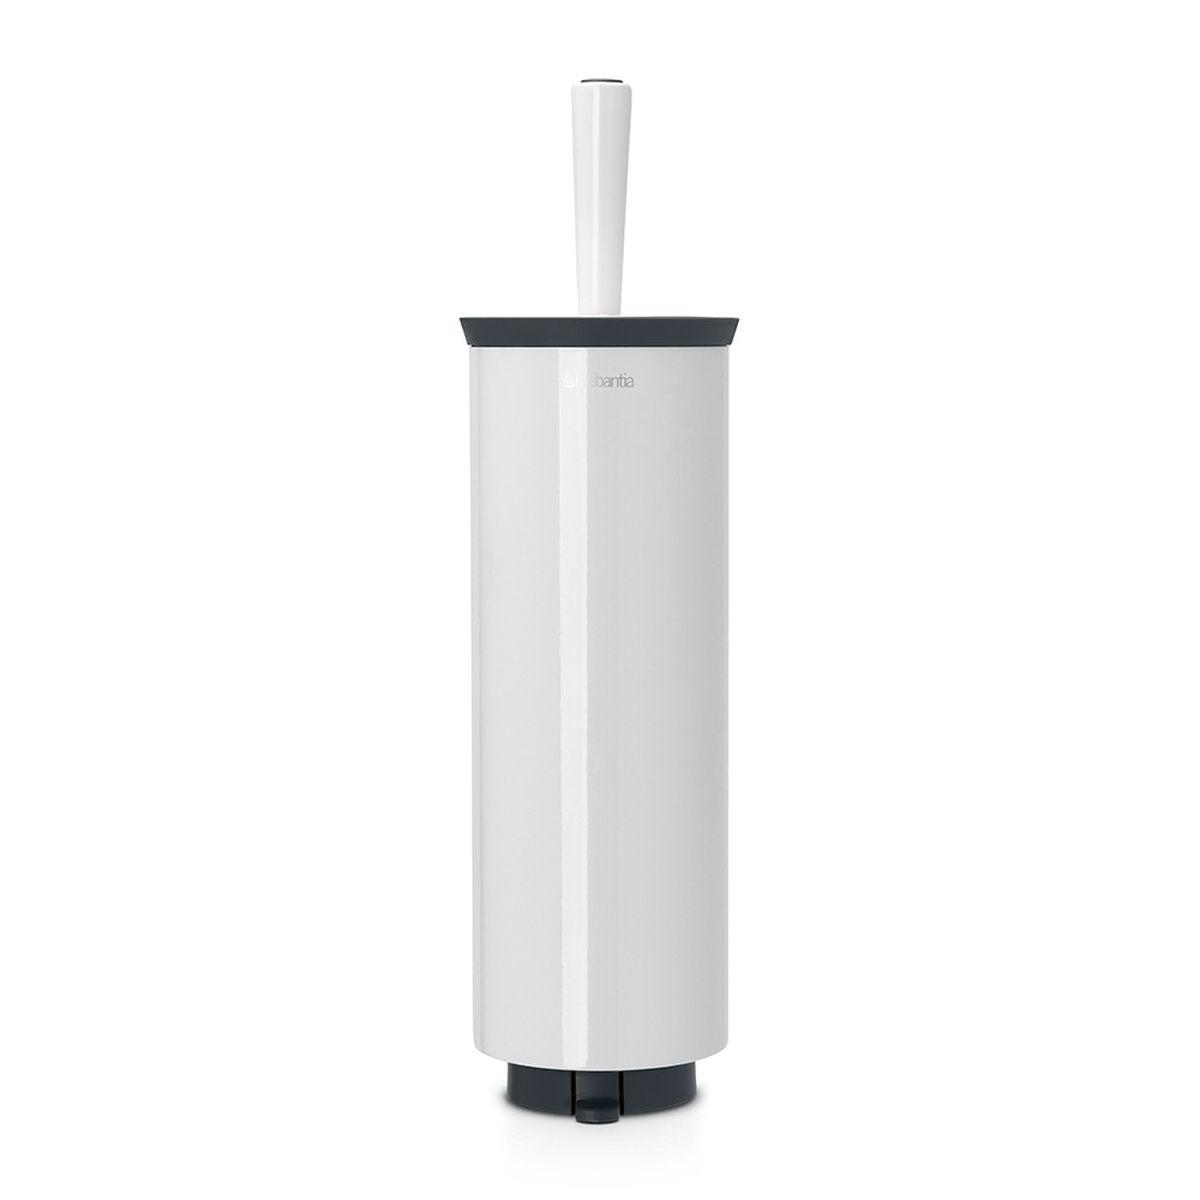 Ершик туалетный Brabantia Profile, с держателем, цвет: белый. 483325483325Ерш Brabantia Profile можно крепить к стене с помощью поставляемого в комплекте кронштейна. Так же изделие можно использовать и на полу, благодаря основанию с противоскользящими свойствами, которое предотвращает скольжение по плитке.Удобная и качественная очистка благодаря специальной форме ершика – идеальная чистота даже под ободом унитаза. Ершик эстетично спрятан под крышкой. Благодаря наличию съемного внутреннего стакана изделие гигиенично и удобно в очистке. Изделие легко снимается с настенного кронштейна для тщательной очистки поверхности стены.